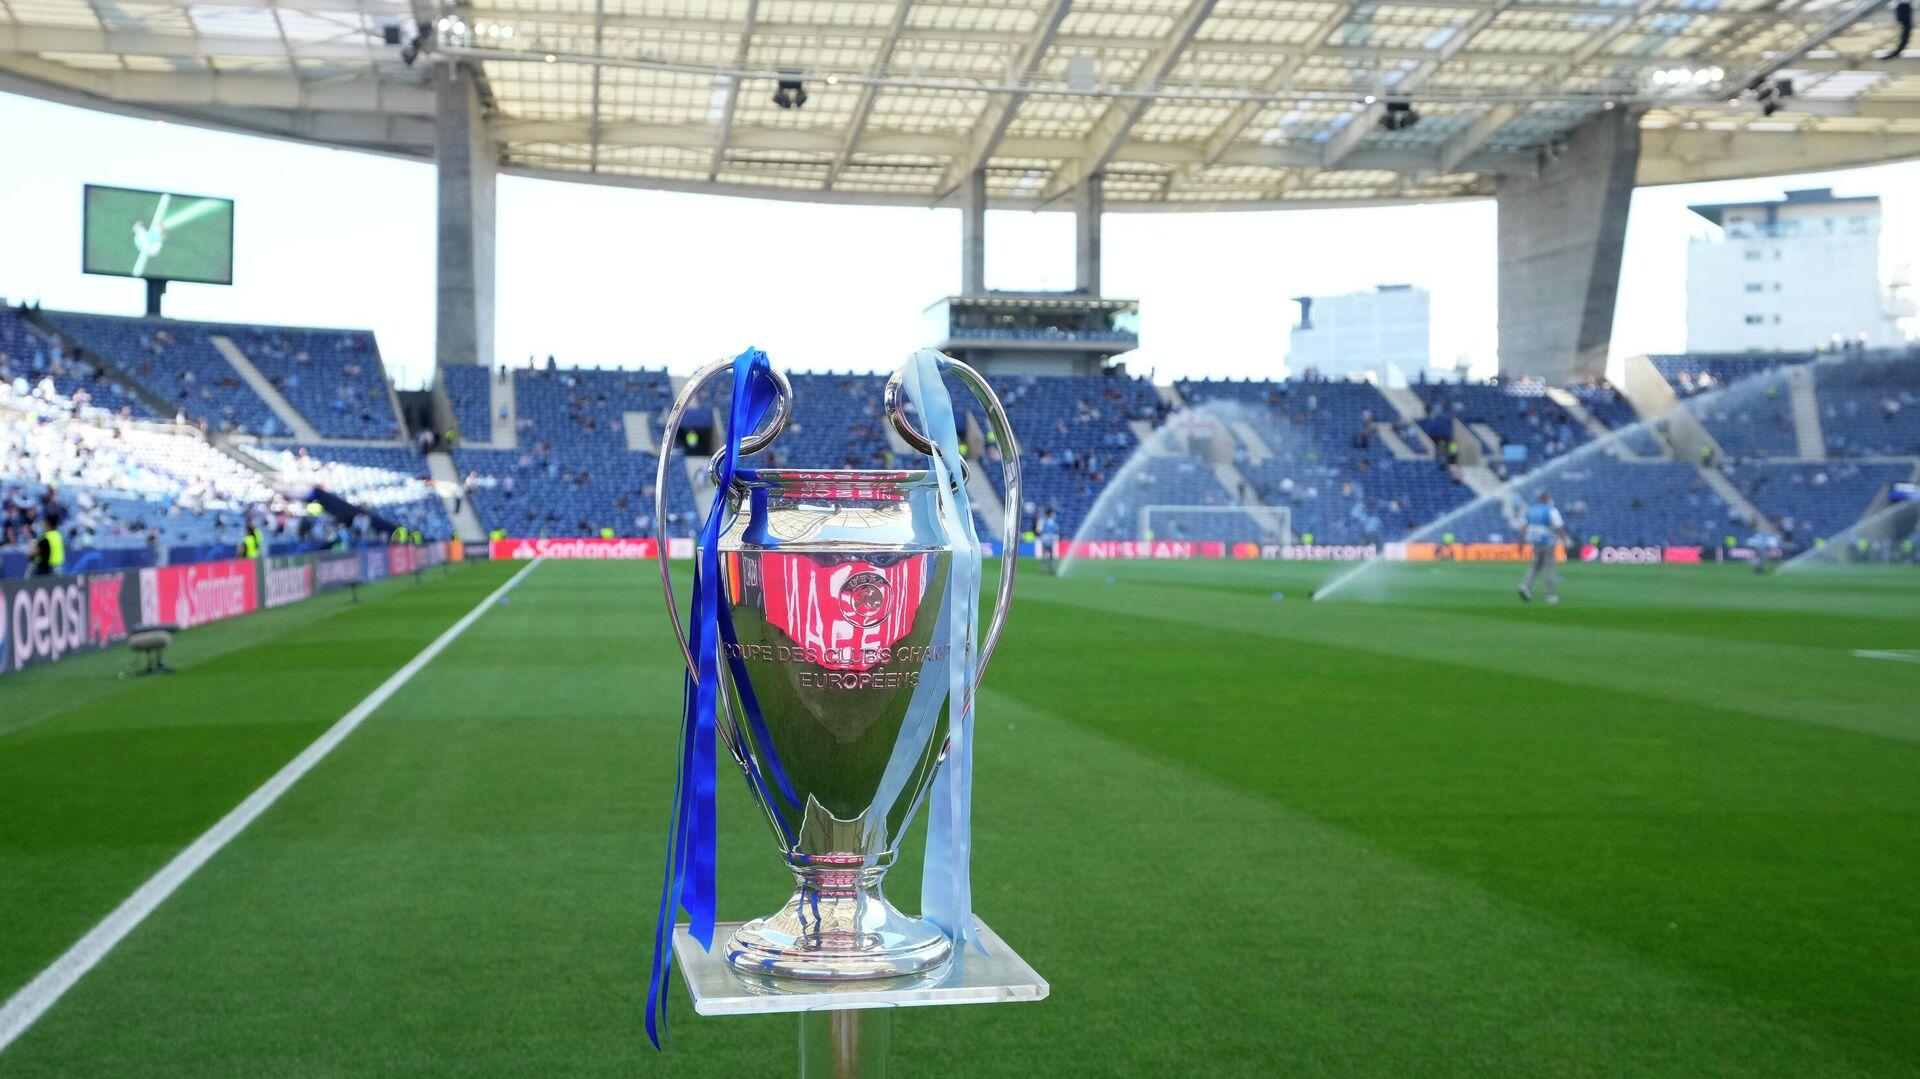 Трофей Лиги чемпионов - РИА Новости, 1920, 29.05.2021